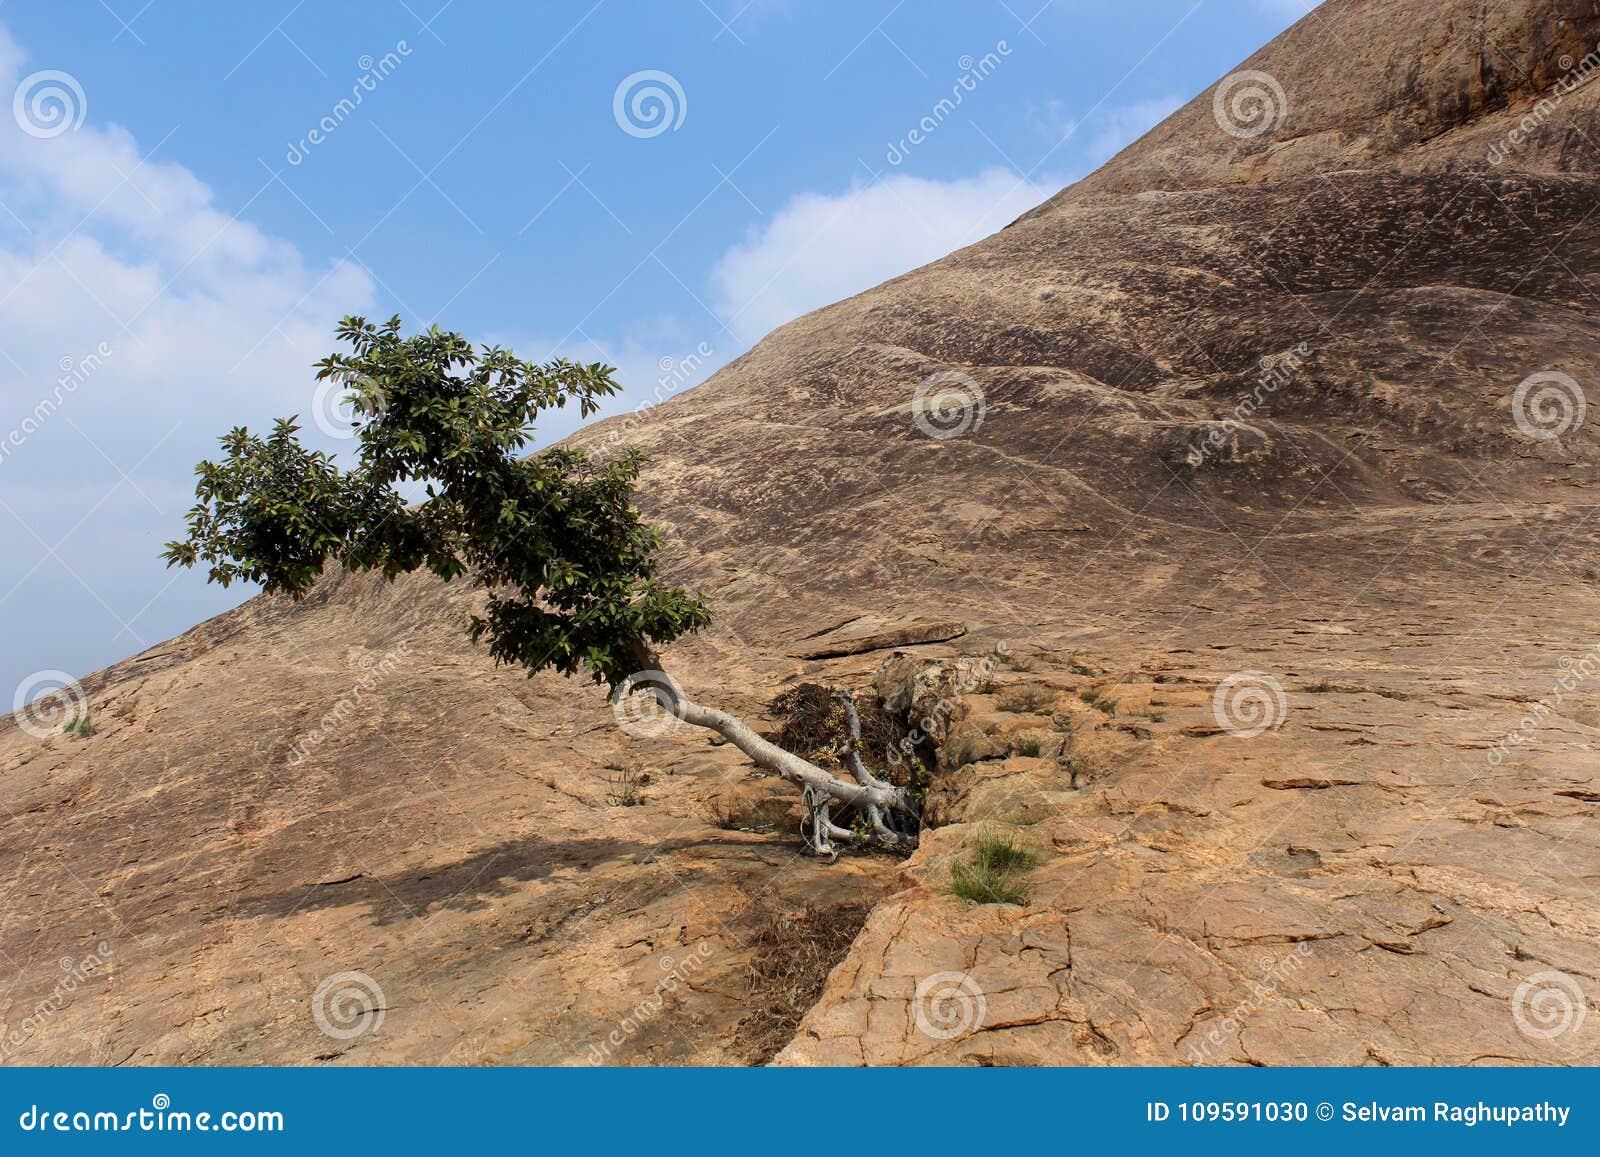 Ένα δέντρο με το βράχο λόφων με τον ουρανό του sittanavasal ναού σπηλιών σύνθετου